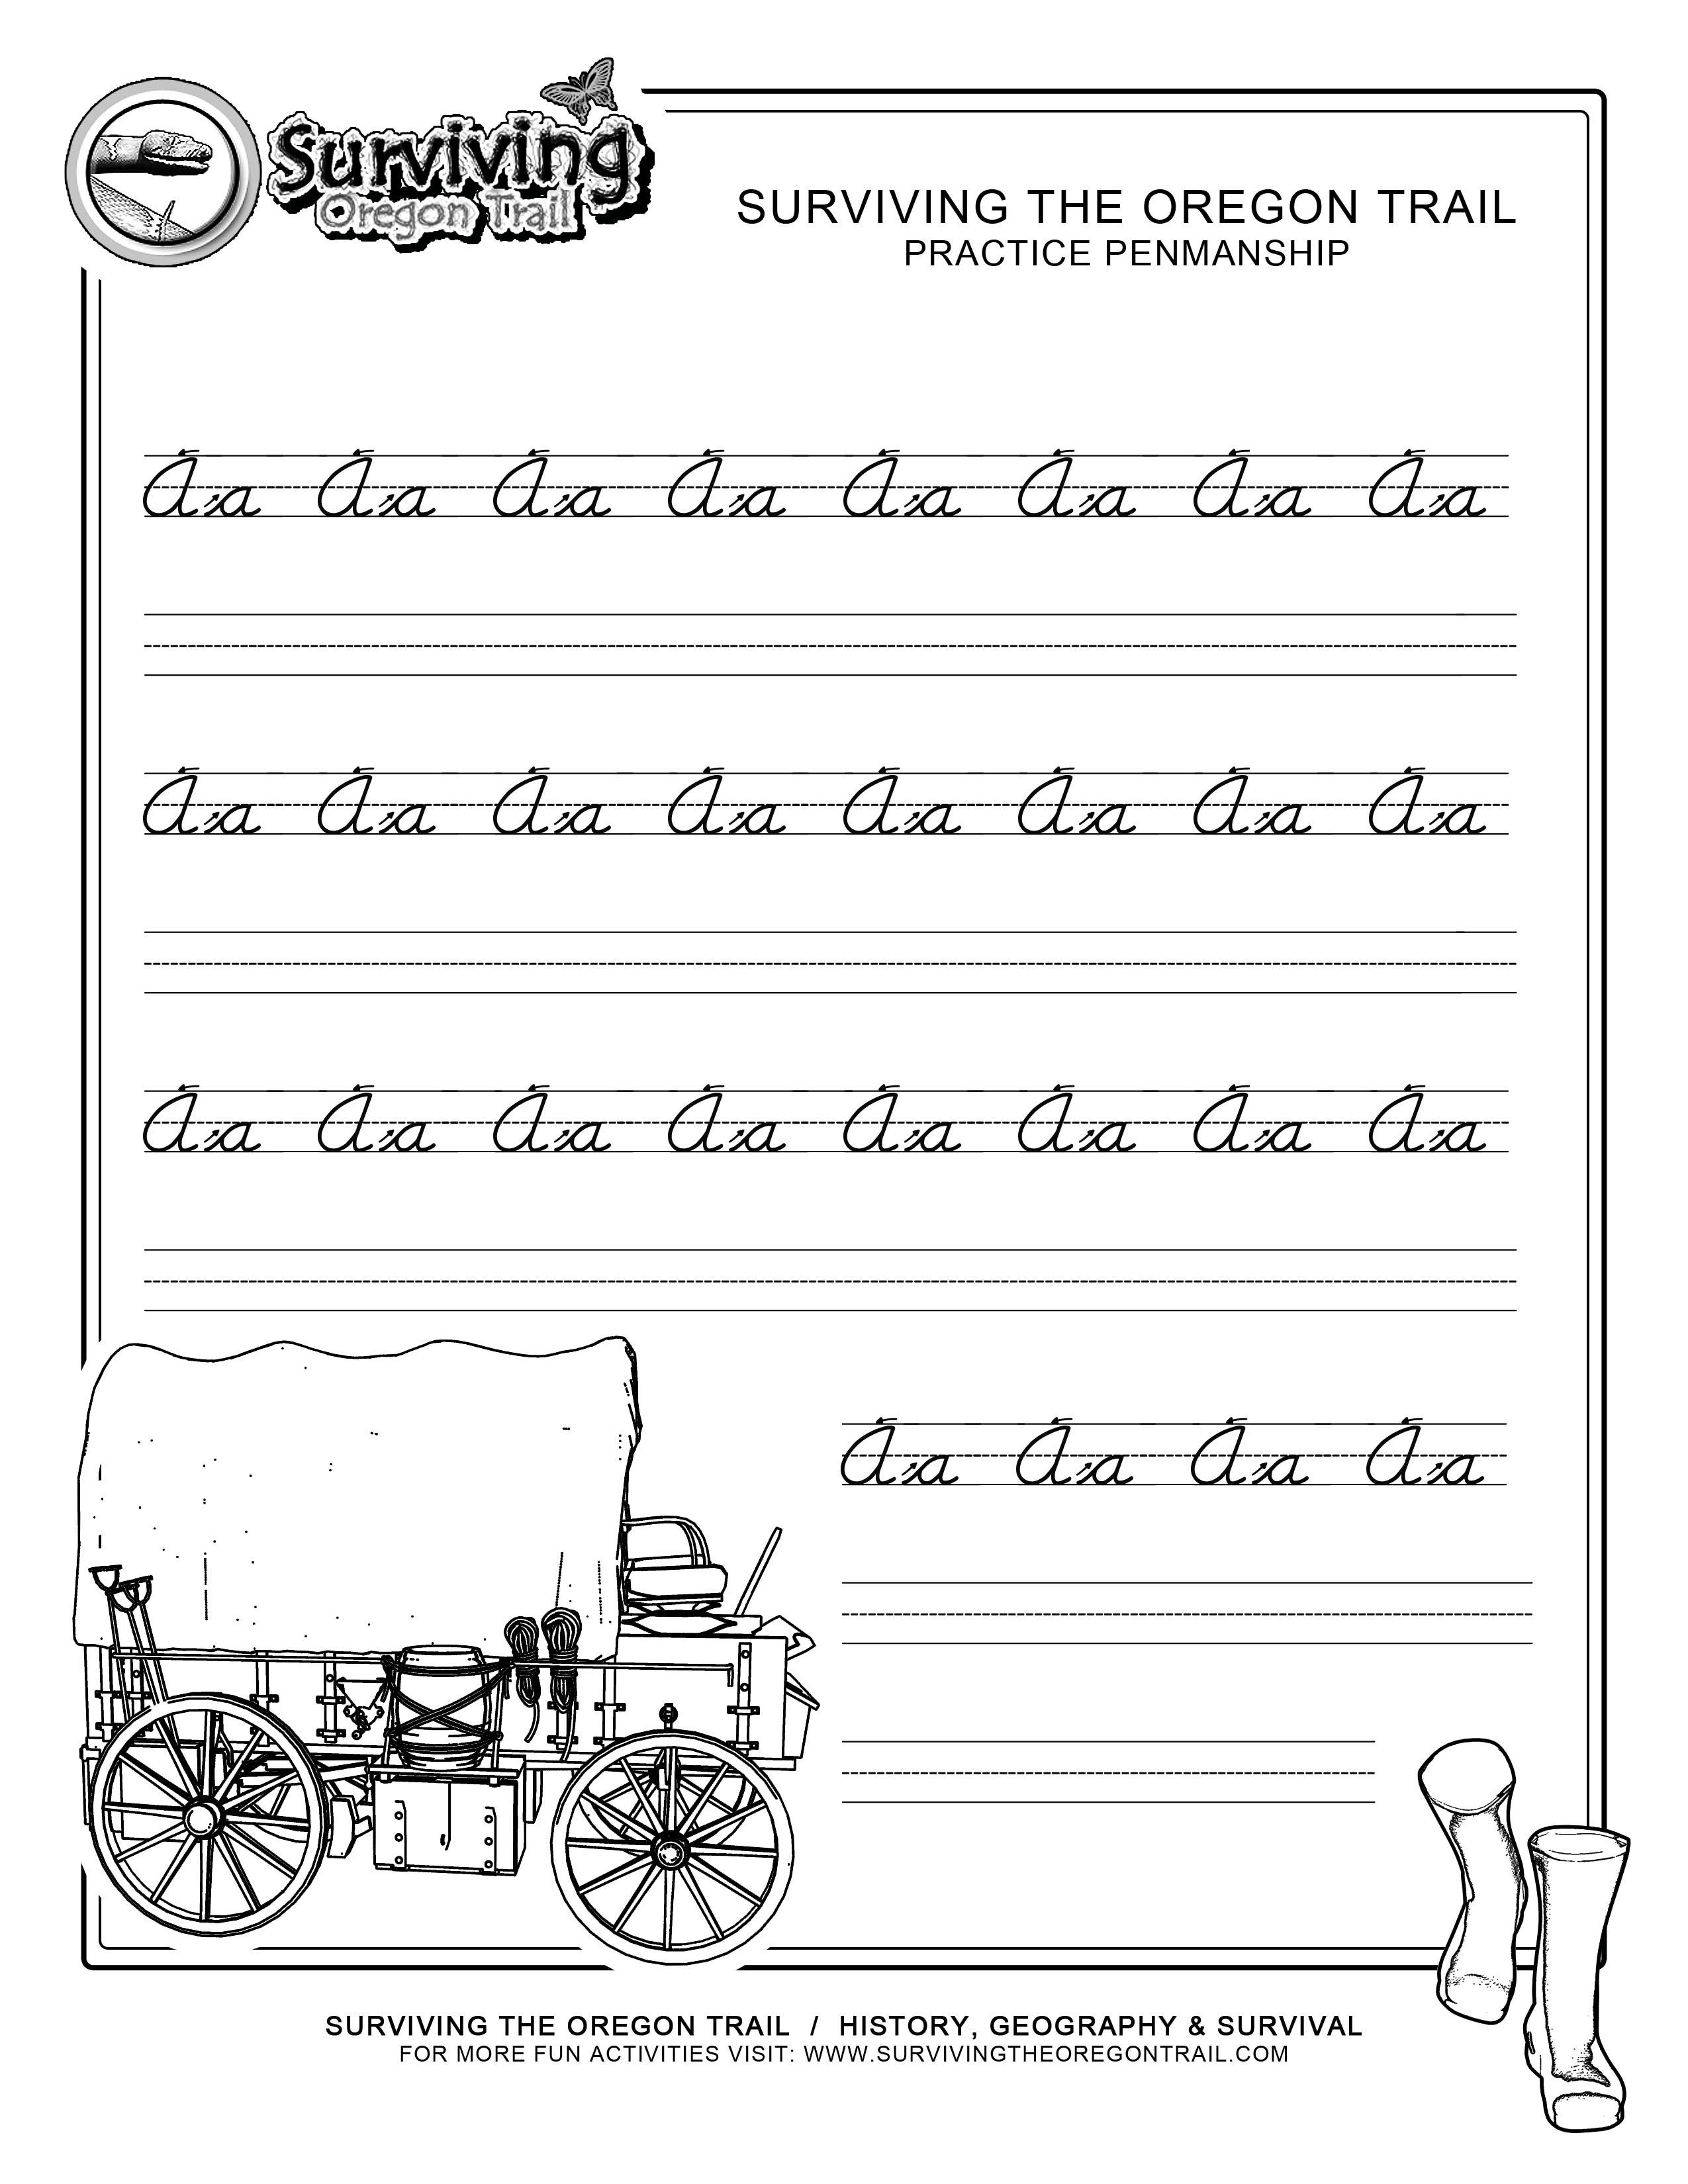 Free Printable Beginner Practice Cursive Worksheet – A A Only - Free Printable Cursive Practice